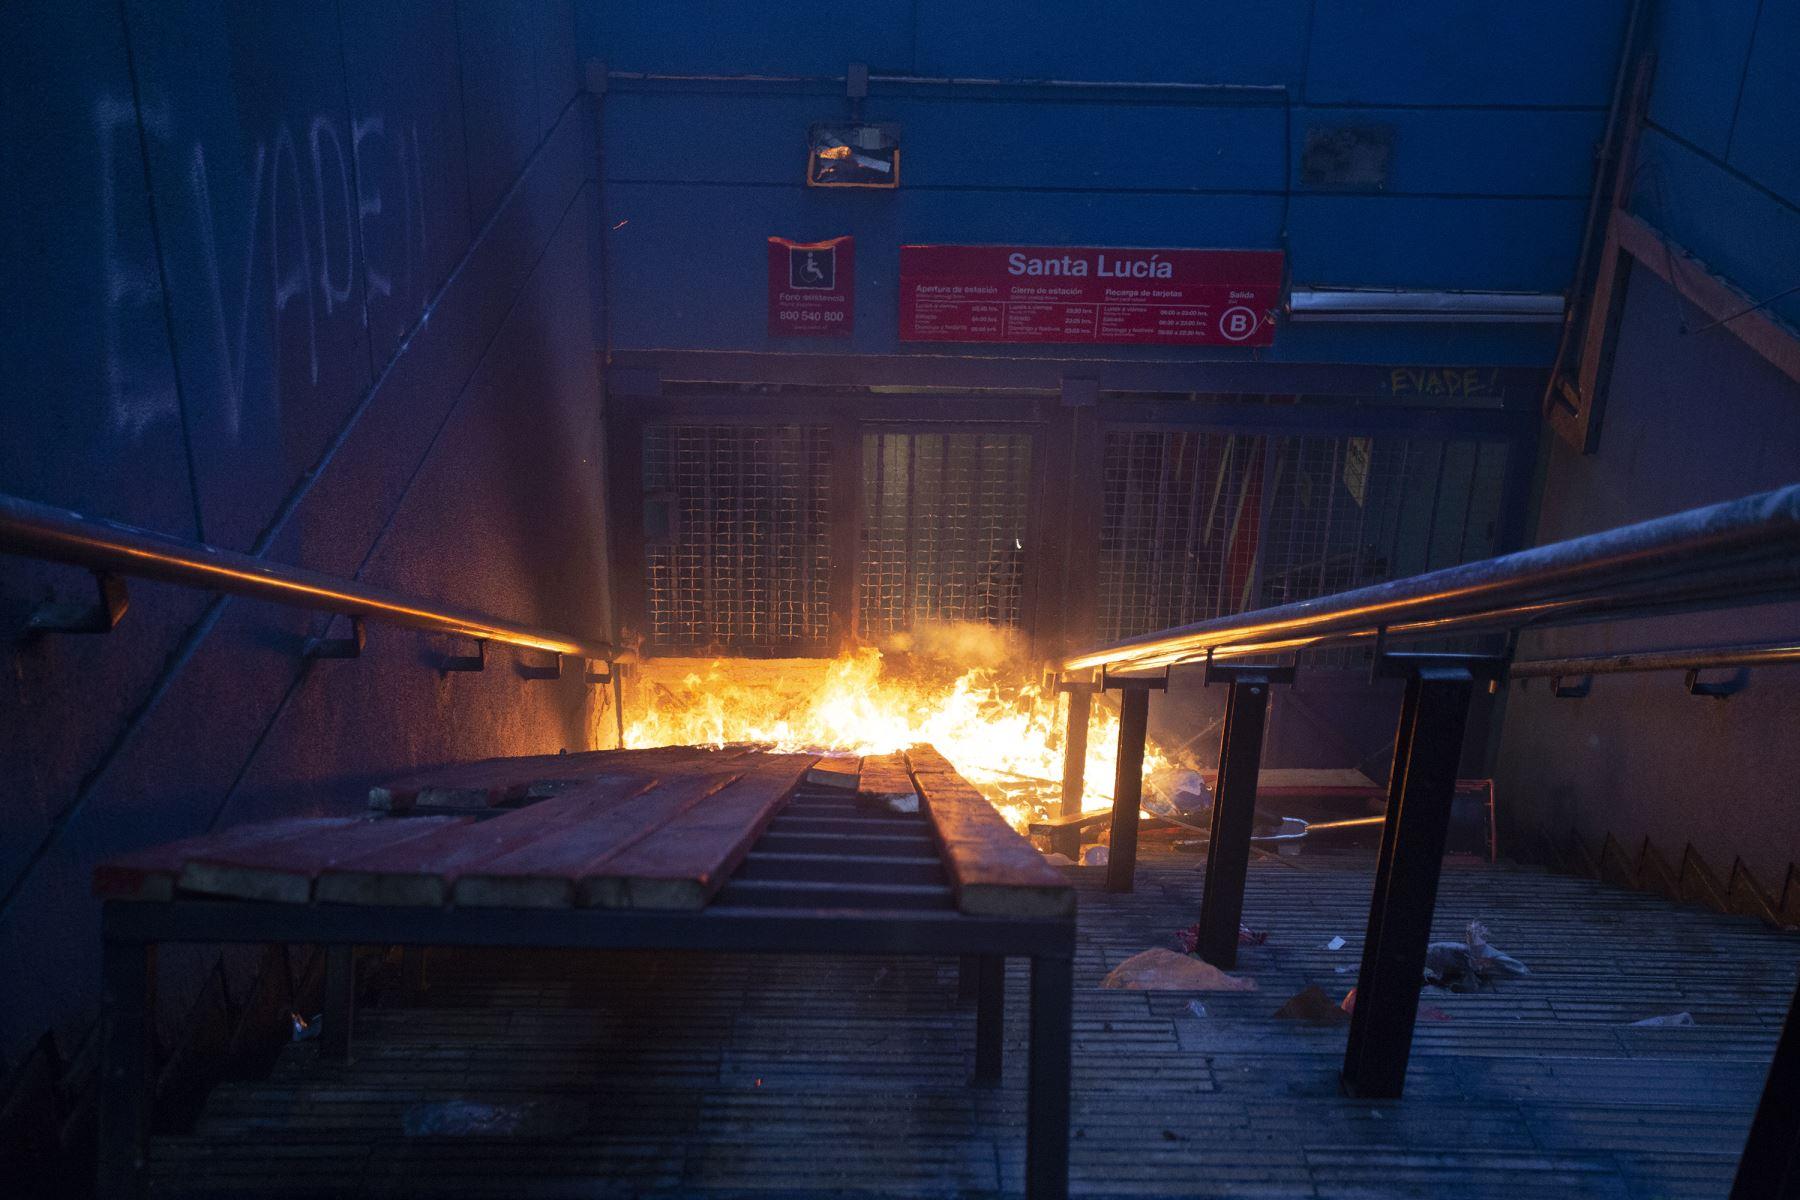 Un incendio provocado por los manifestantes arde en una entrada a la estación de metro de Santa Lucía en Santiago. AFP